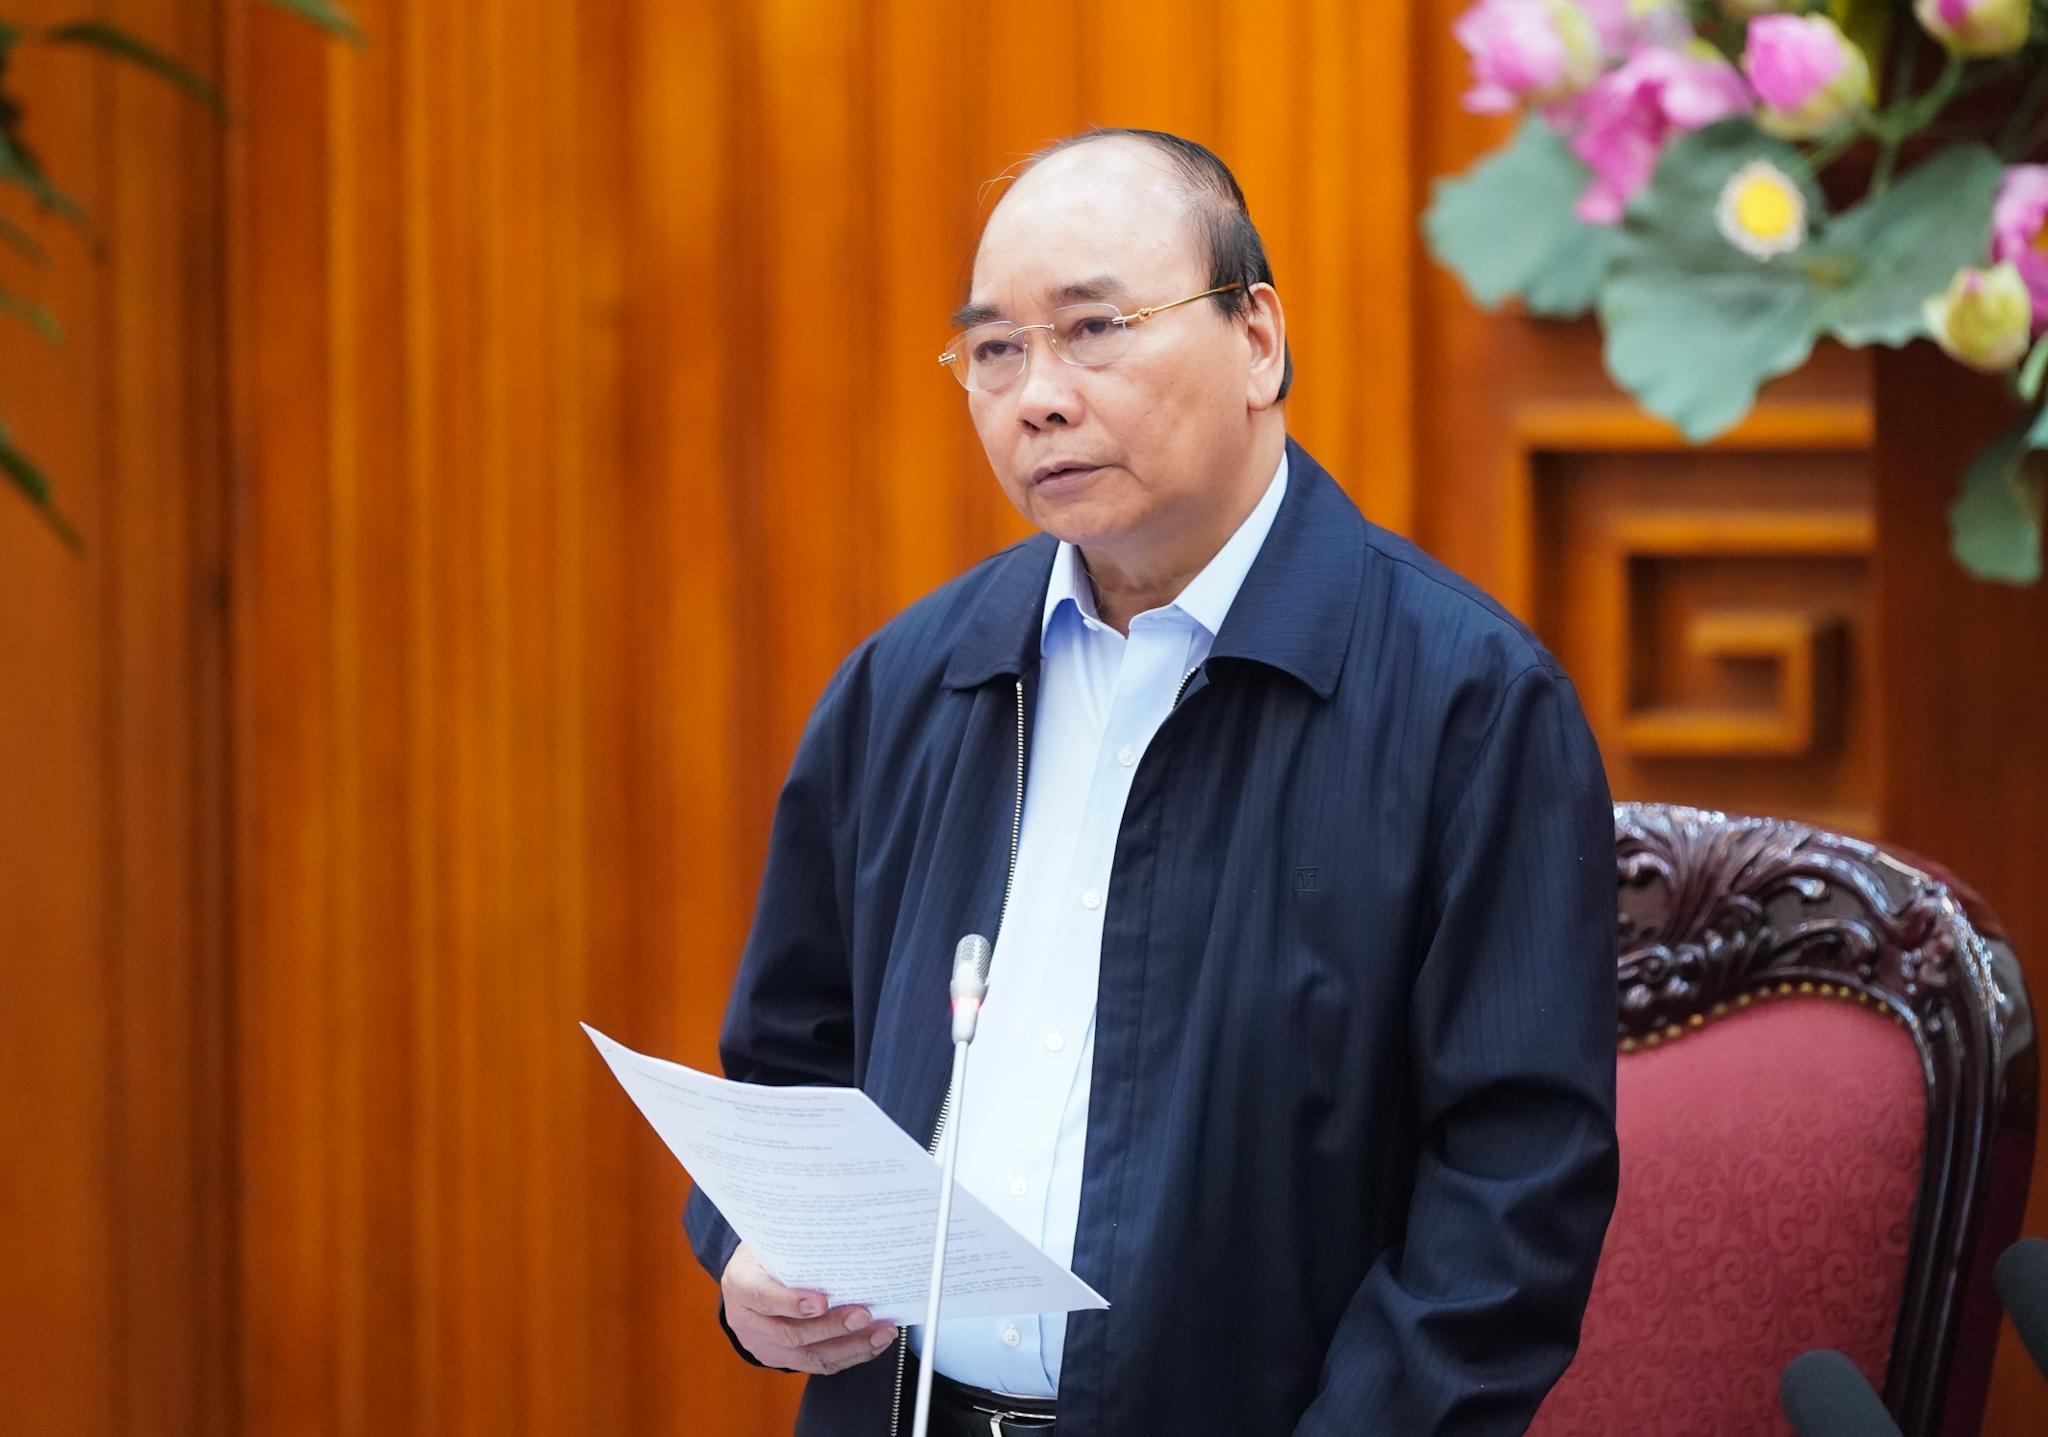 Thủ tướng phát biểu tại cuộc họp - Ảnh: VGP/Quang Hiếu